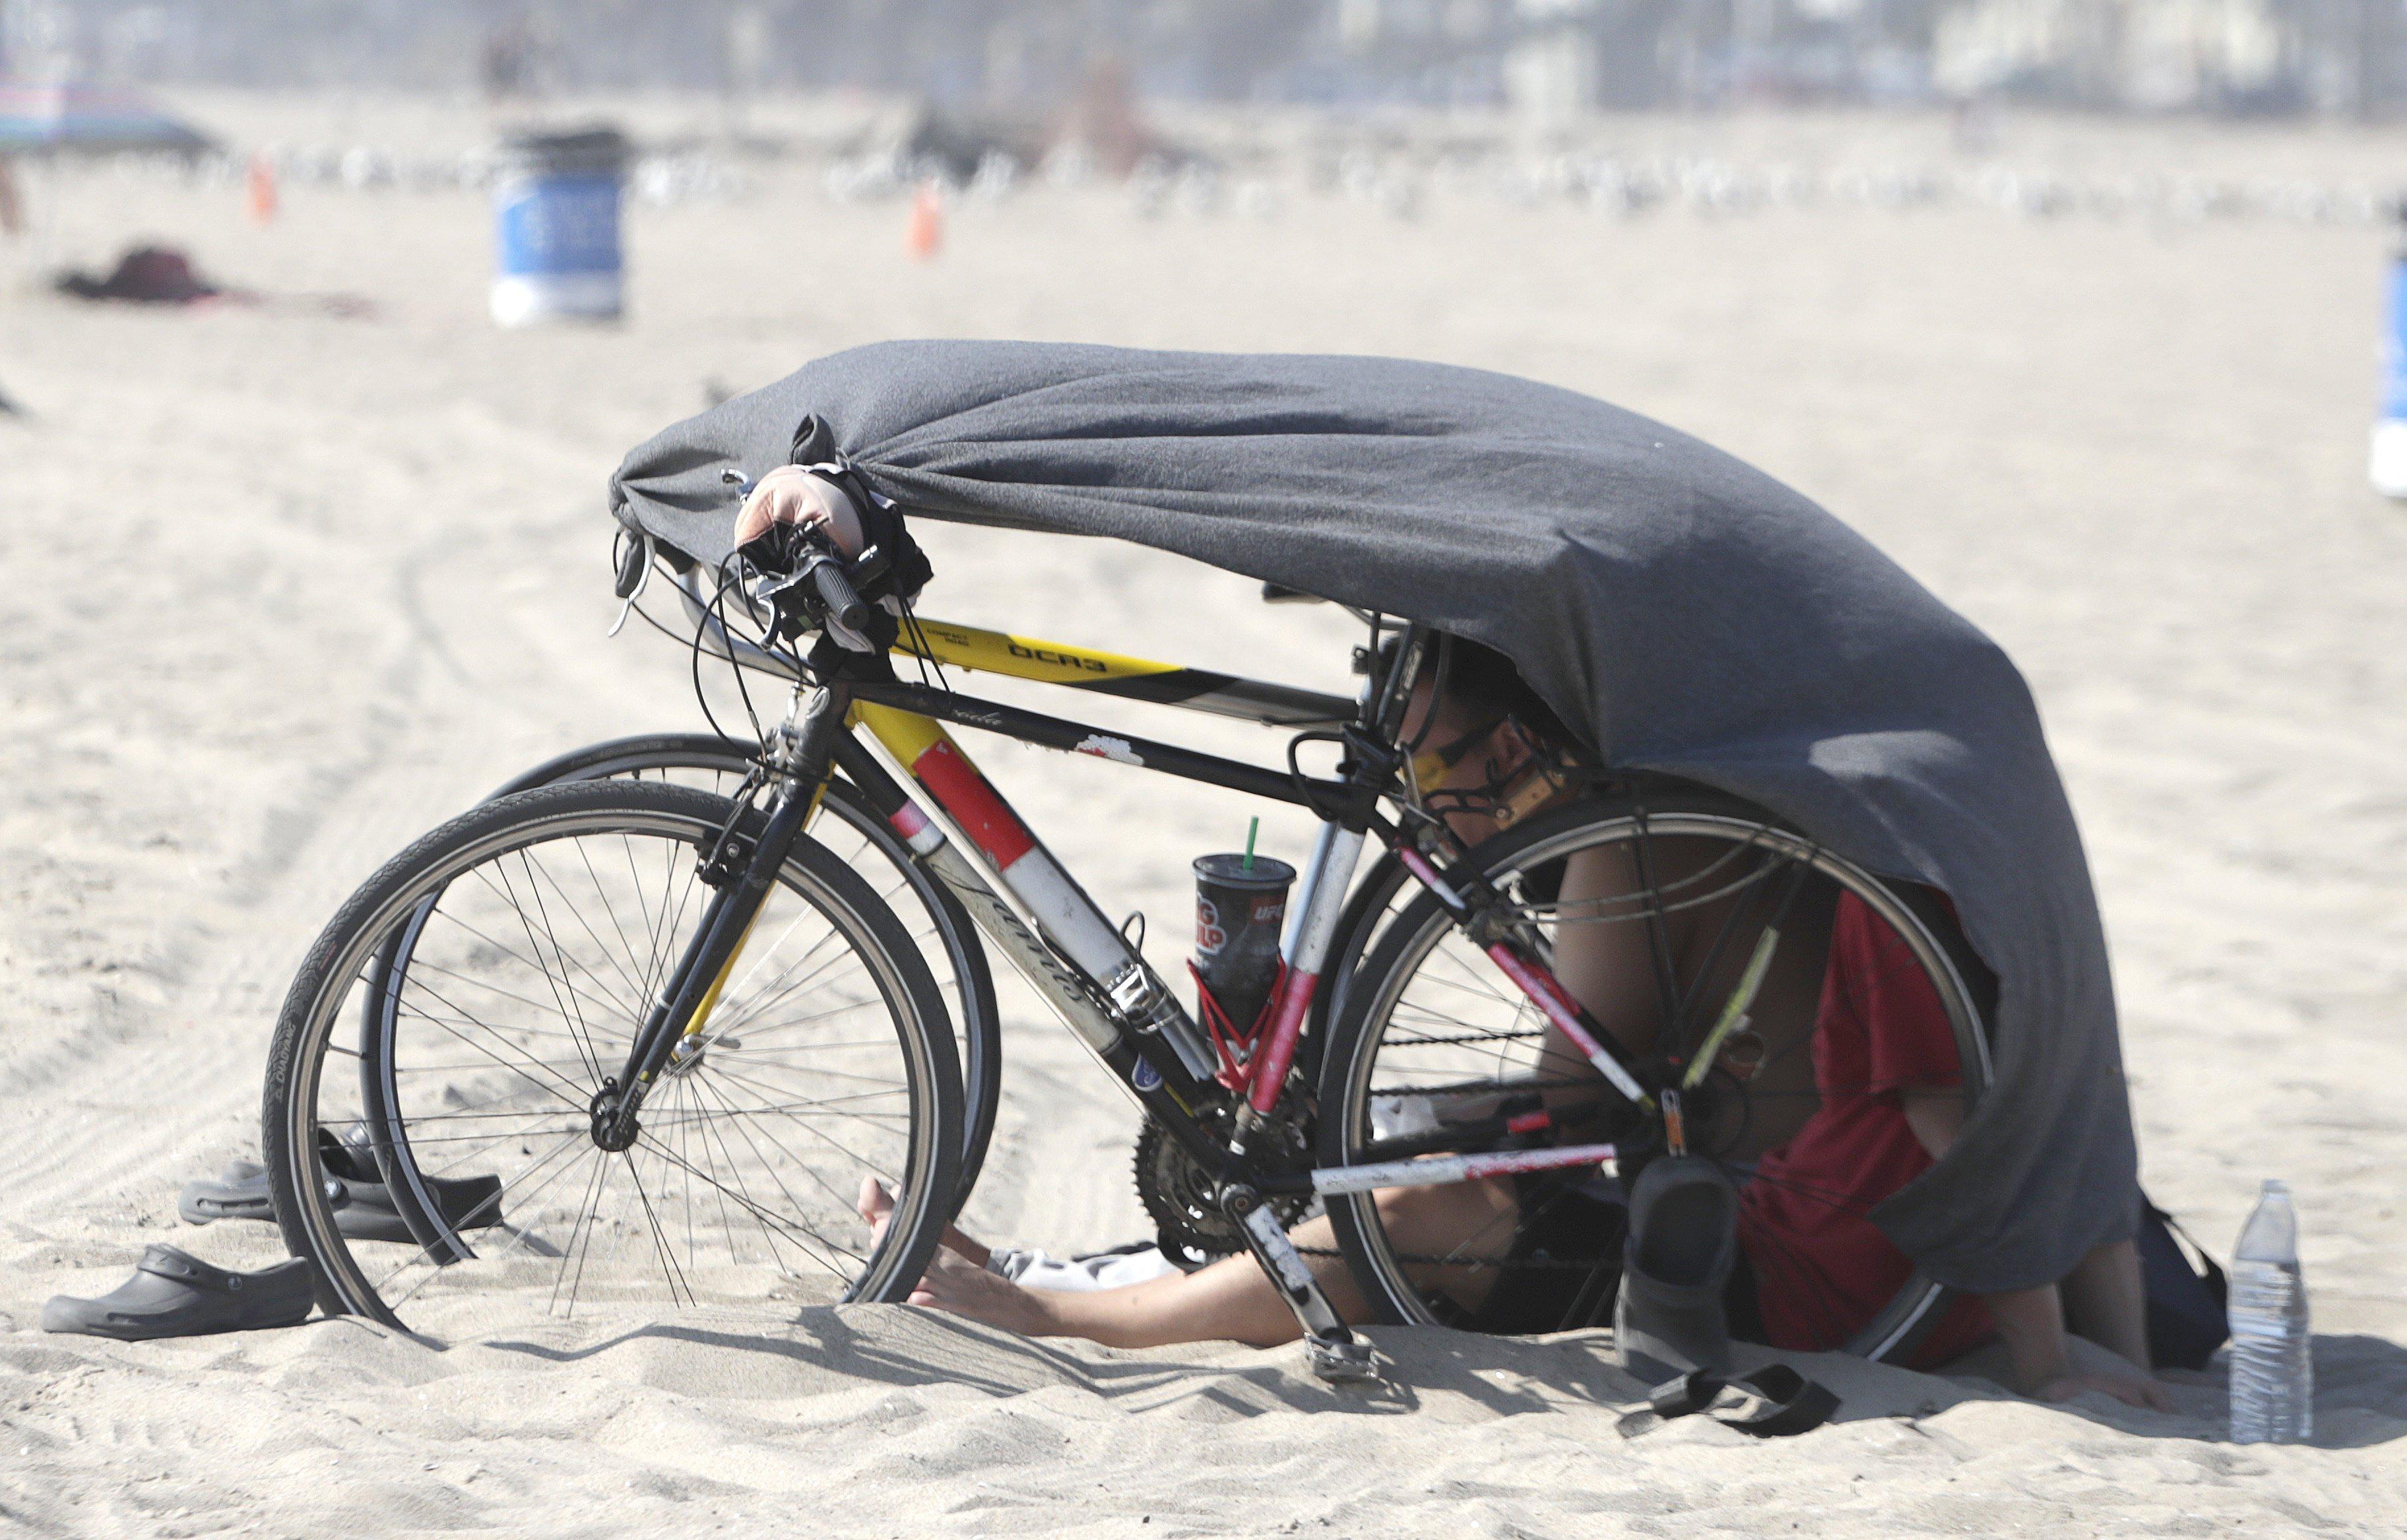 Un banyista es protegeix del sol enmig d'una onada de calor a la platja Venice a Los Angeles (CA, EUA). /MIKE NELSON